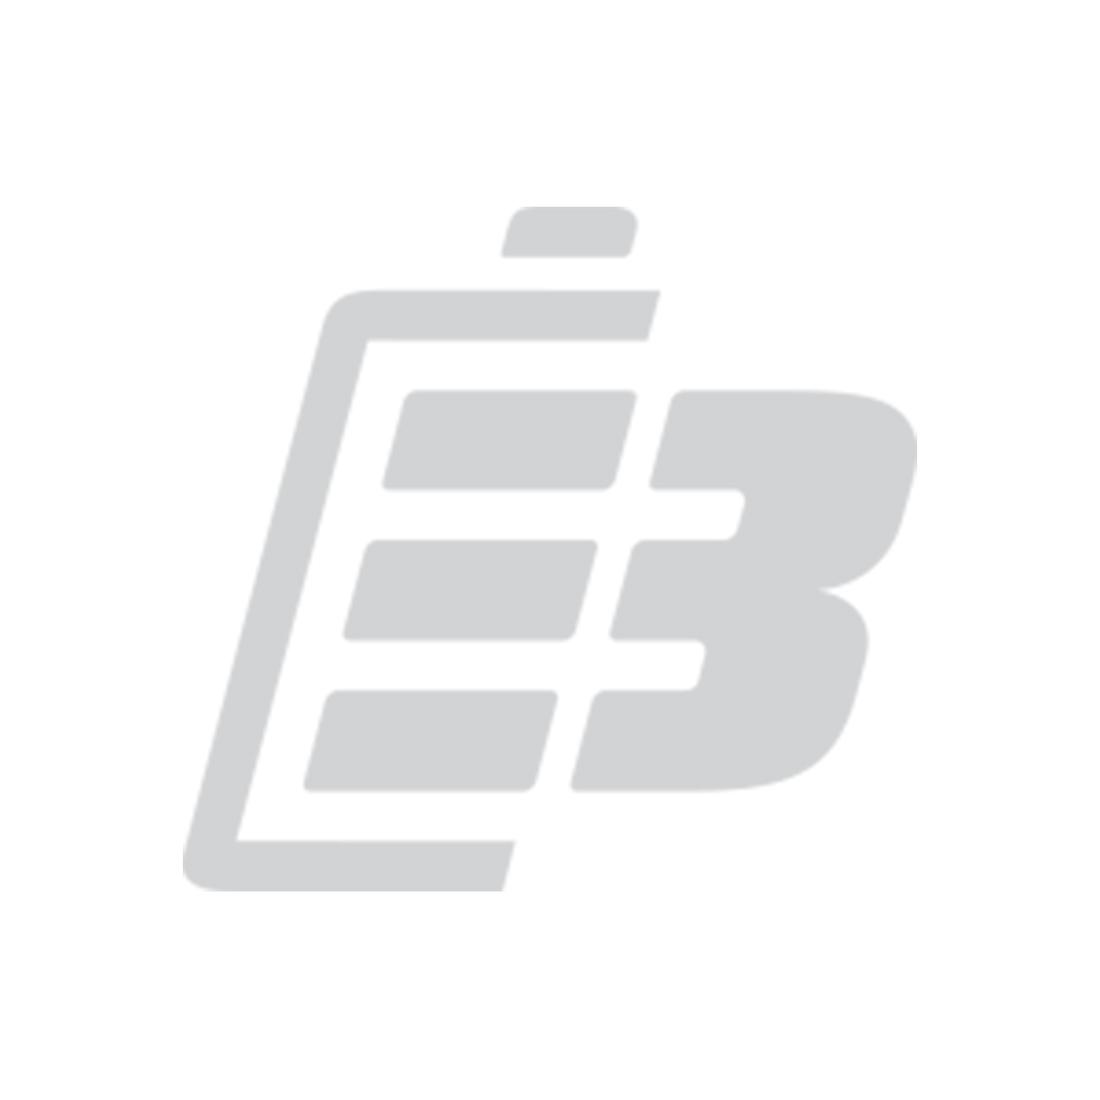 Μπαταρία κονσόλας Sony PSP-2000 ενισχυμένη_1